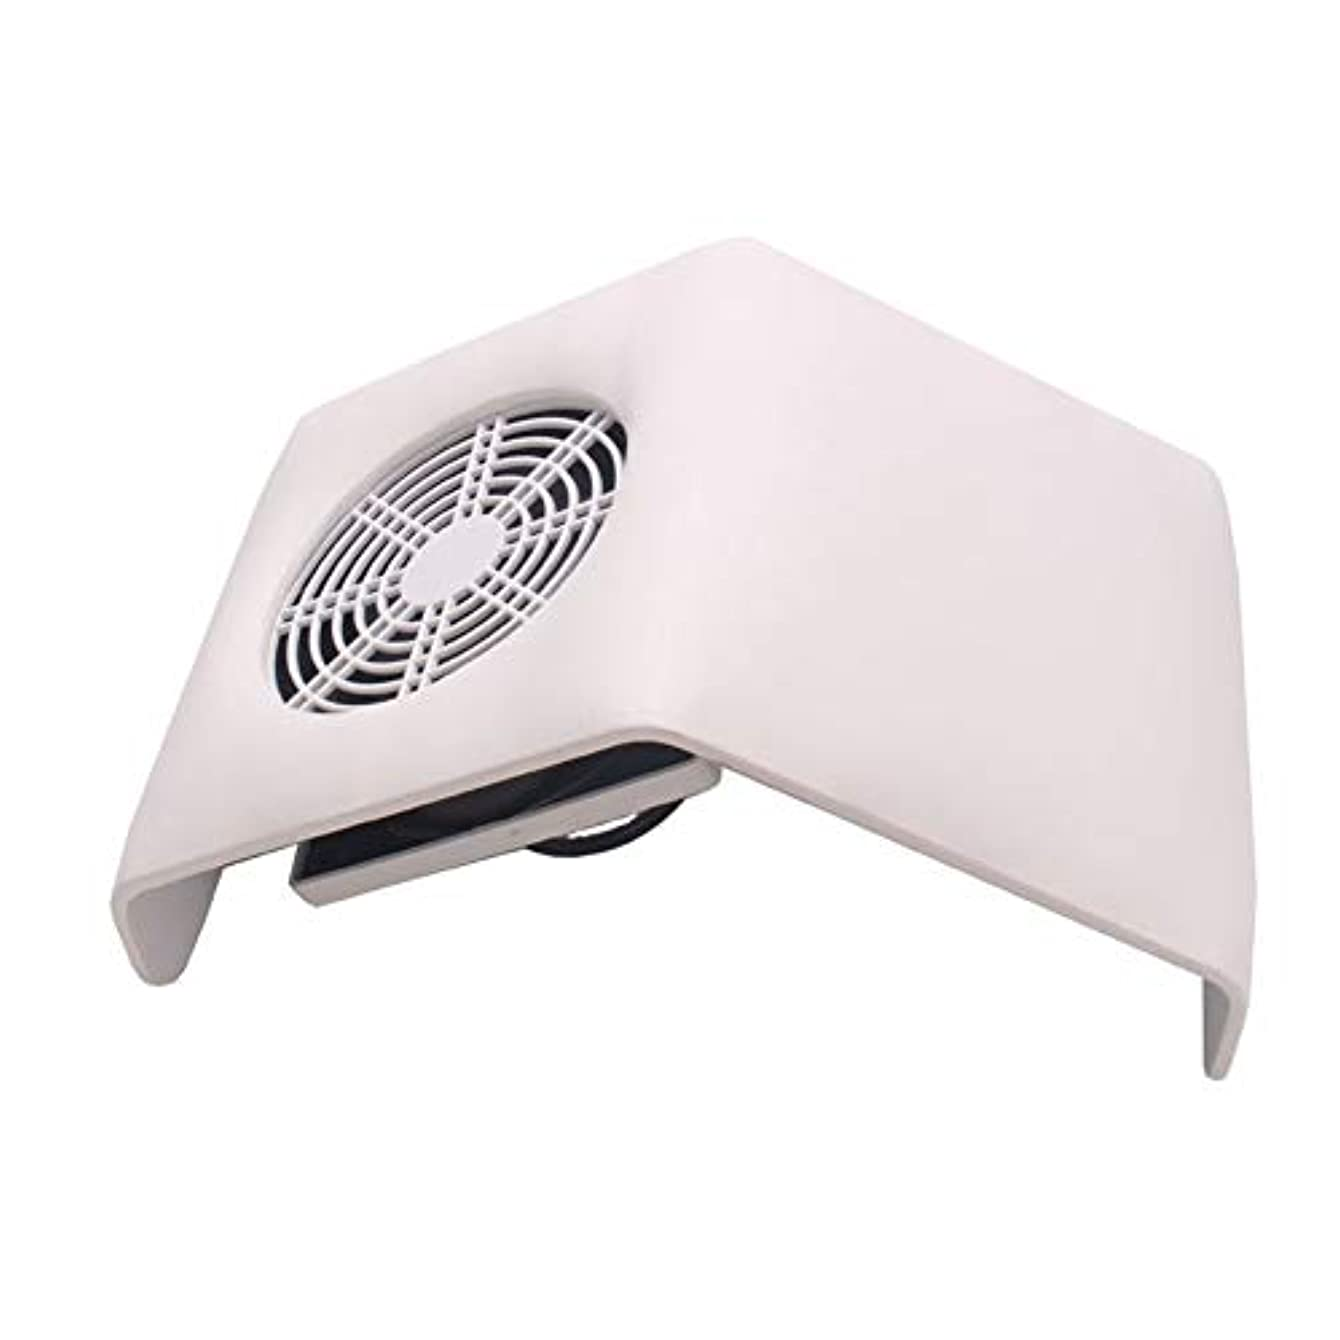 宿泊施設ダッシュ即席集塵機吸引ファン、2つの集塵袋付きネイル掃除機バッグネイルアートマニキュアサロンツールの収集マニキュアの工作機械ダストネイル (Color : White)